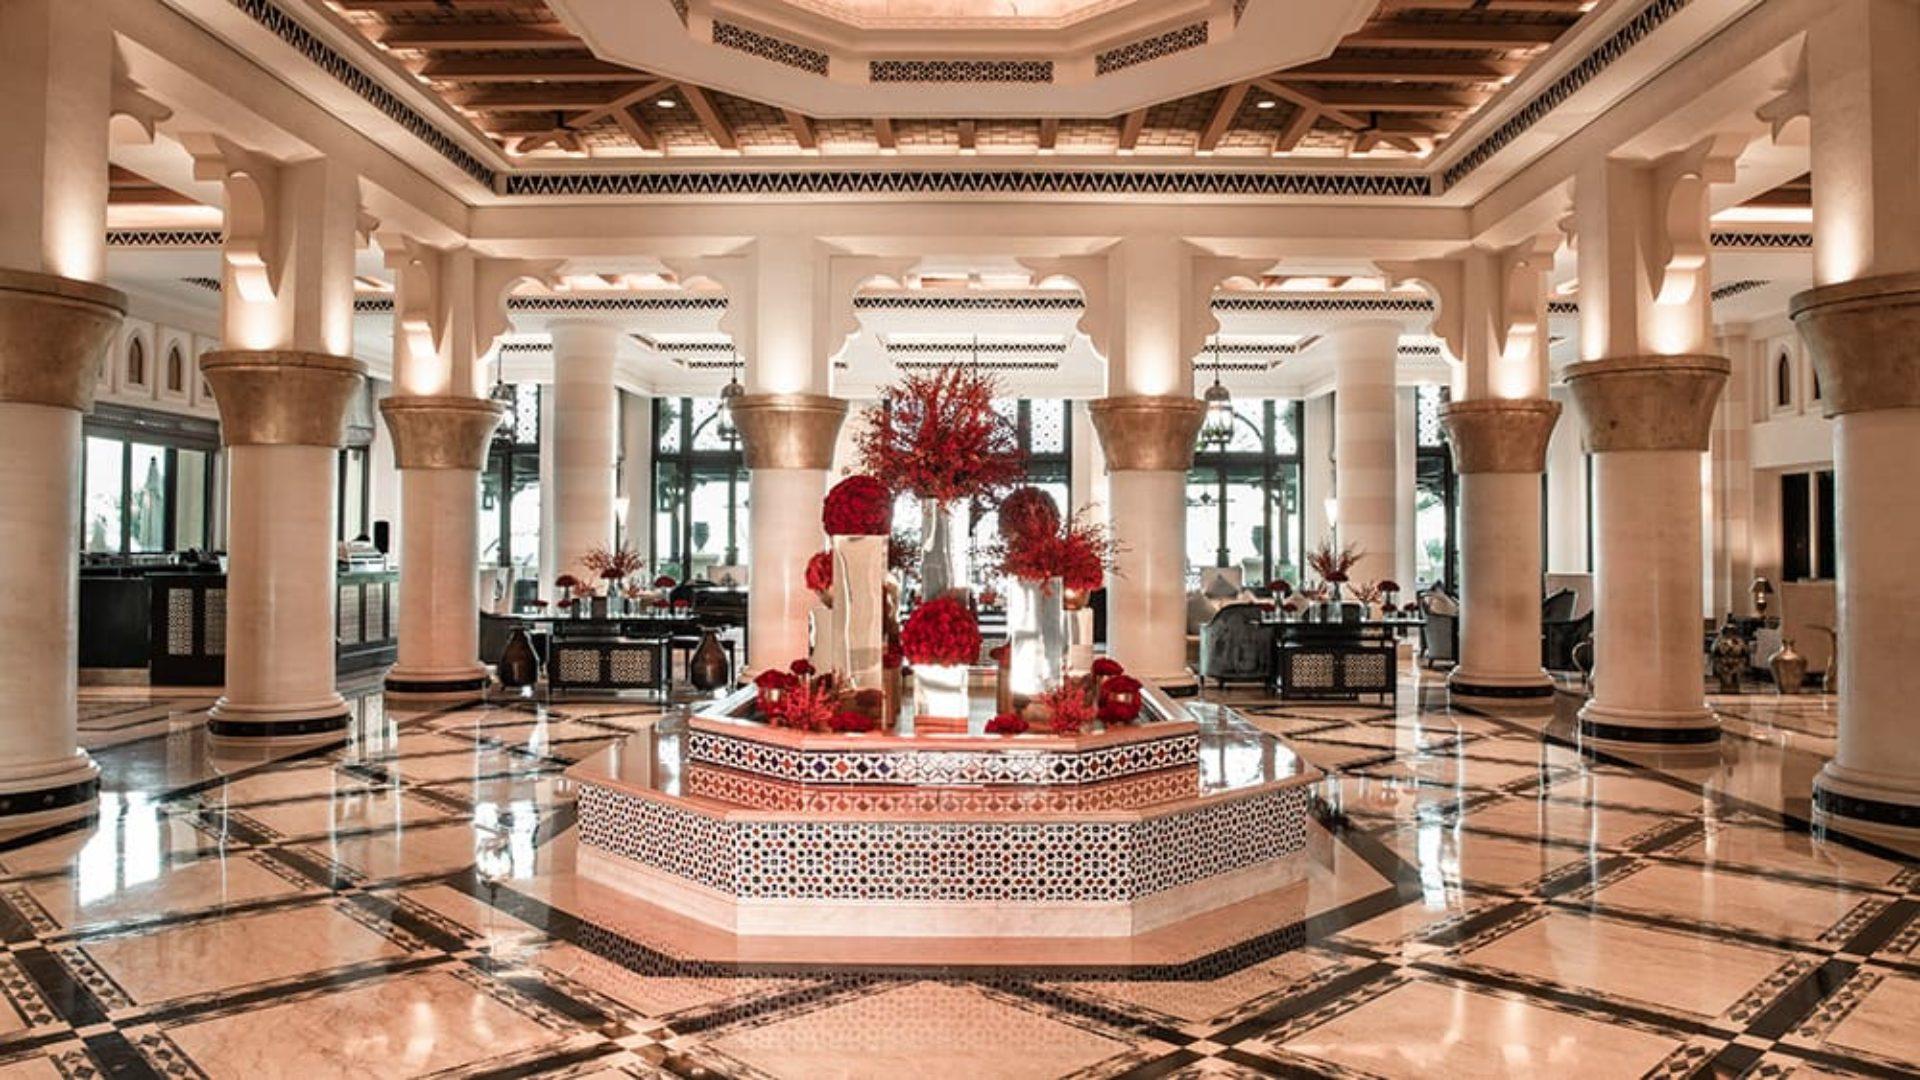 Lobby of Jumeirah Mina A'Salam